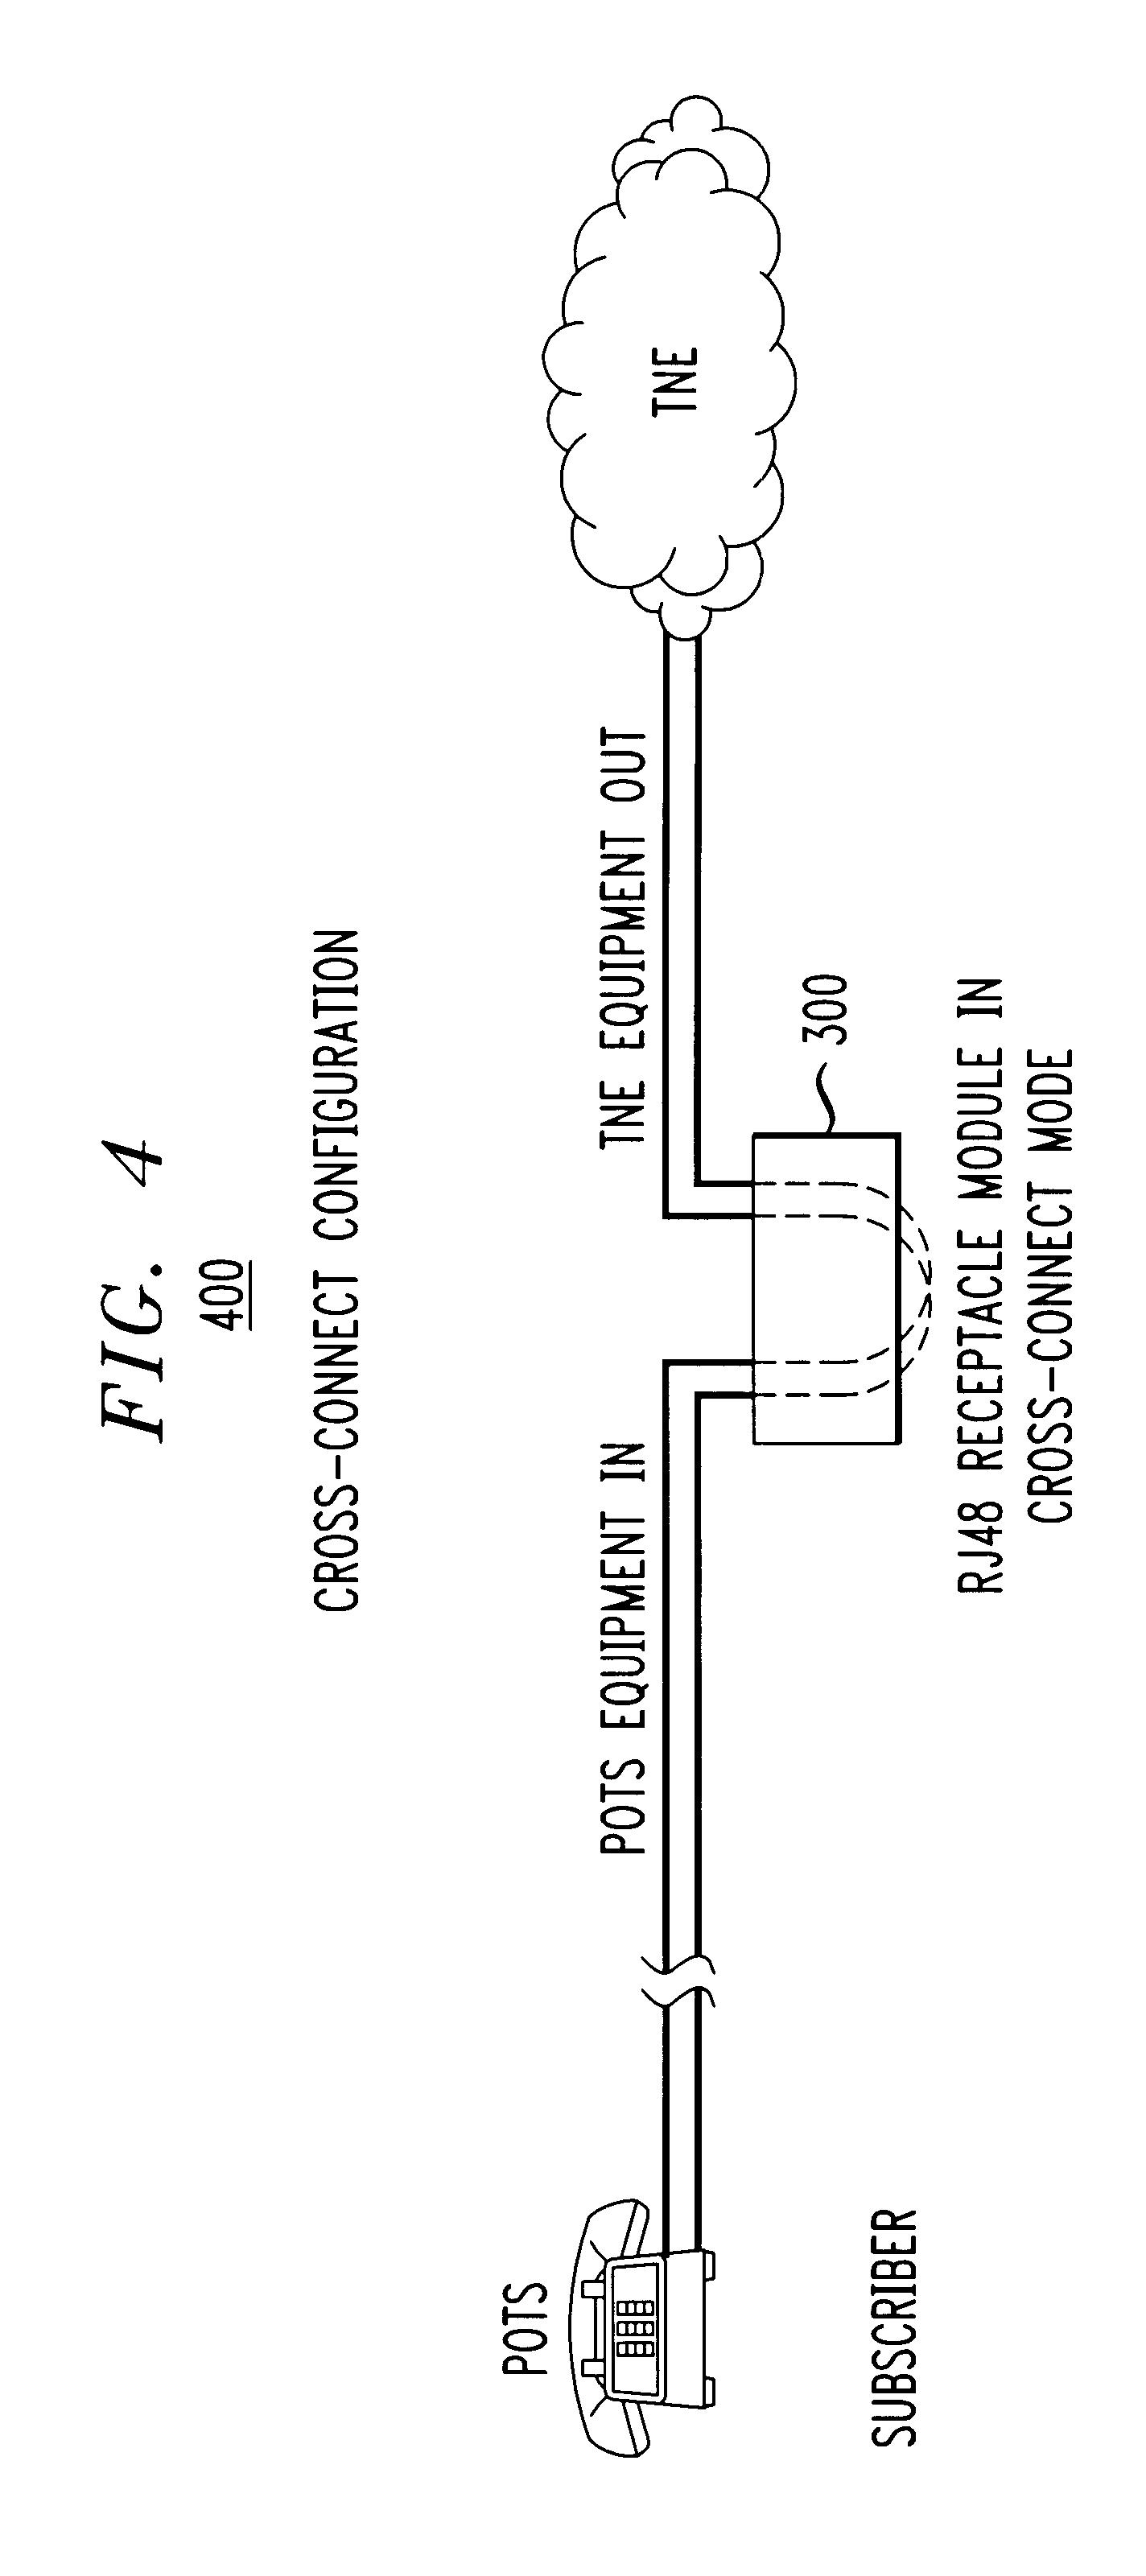 rj12 pinout wiring diagram